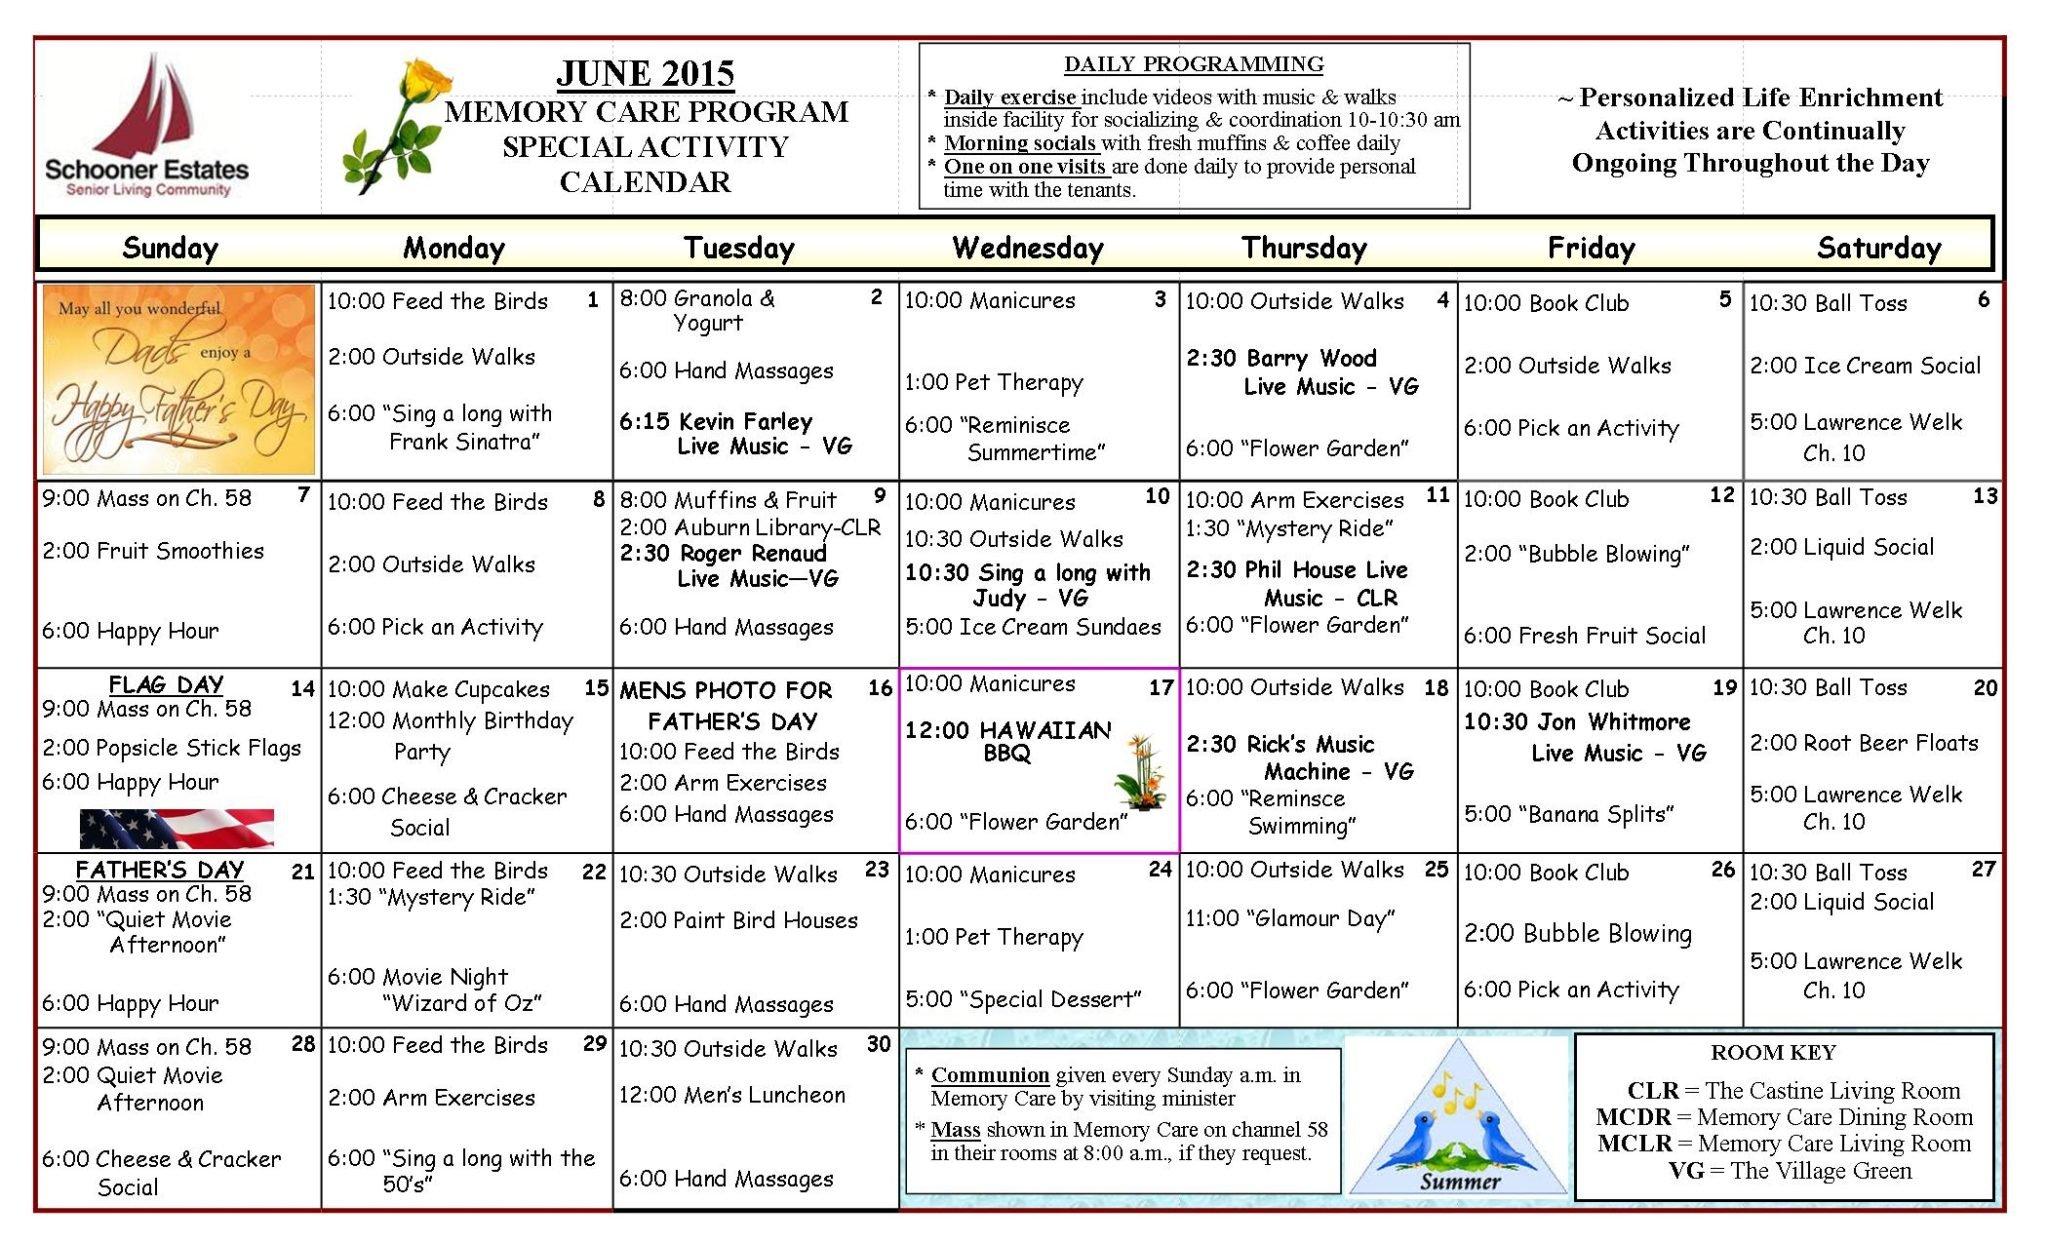 June 2015 Memory Care Calendar